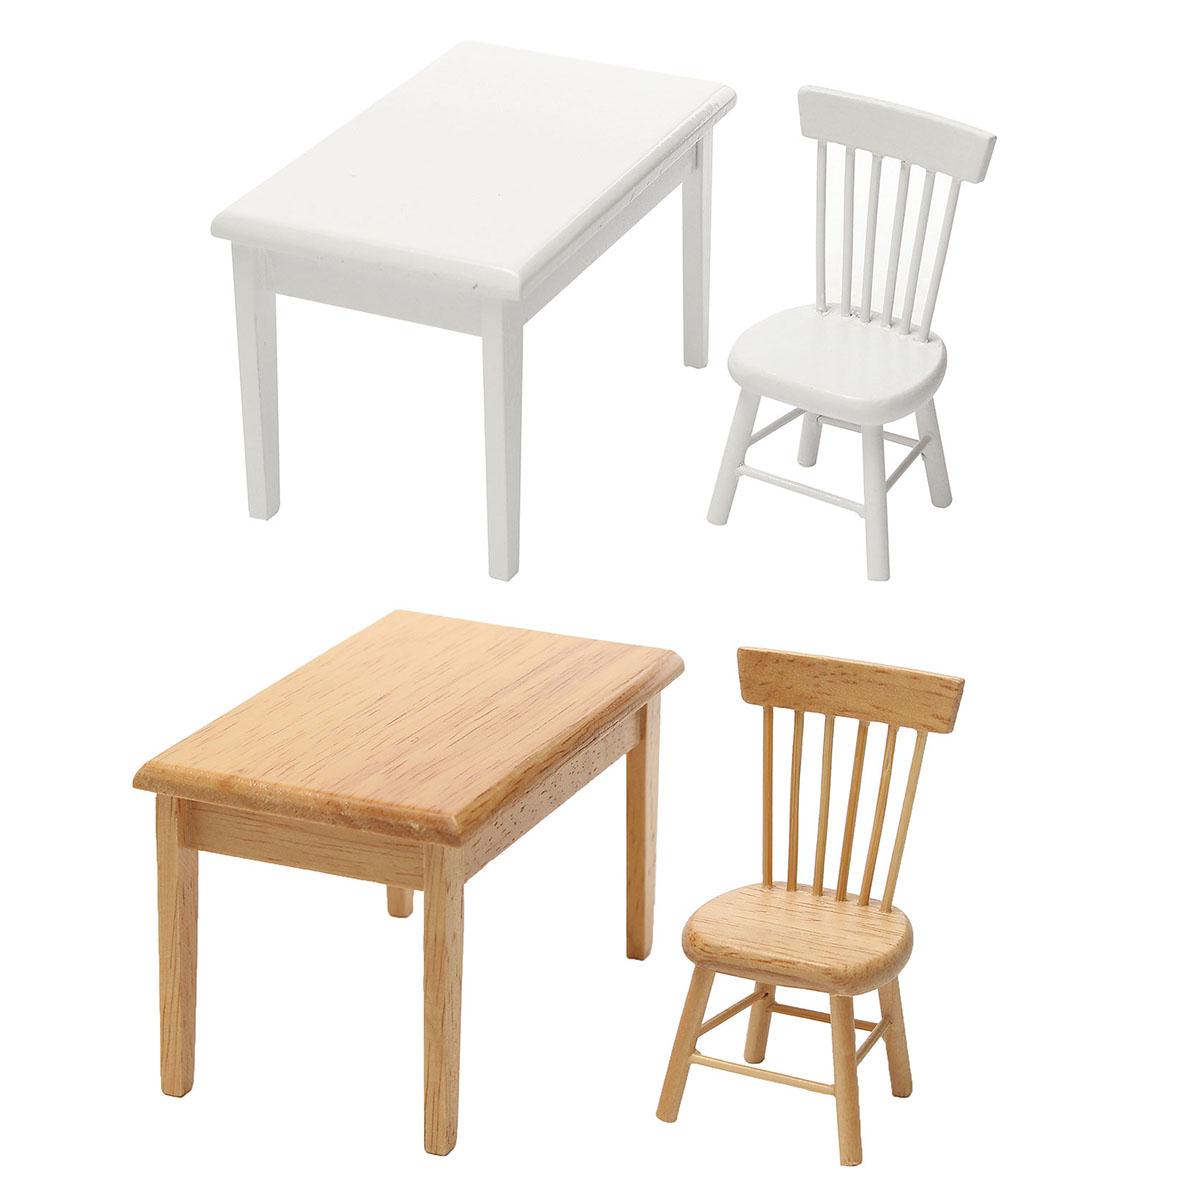 chaise enfant 3 ans perfect lit de poupes jouet en bois jeu dimitation enfant ans with chaise. Black Bedroom Furniture Sets. Home Design Ideas